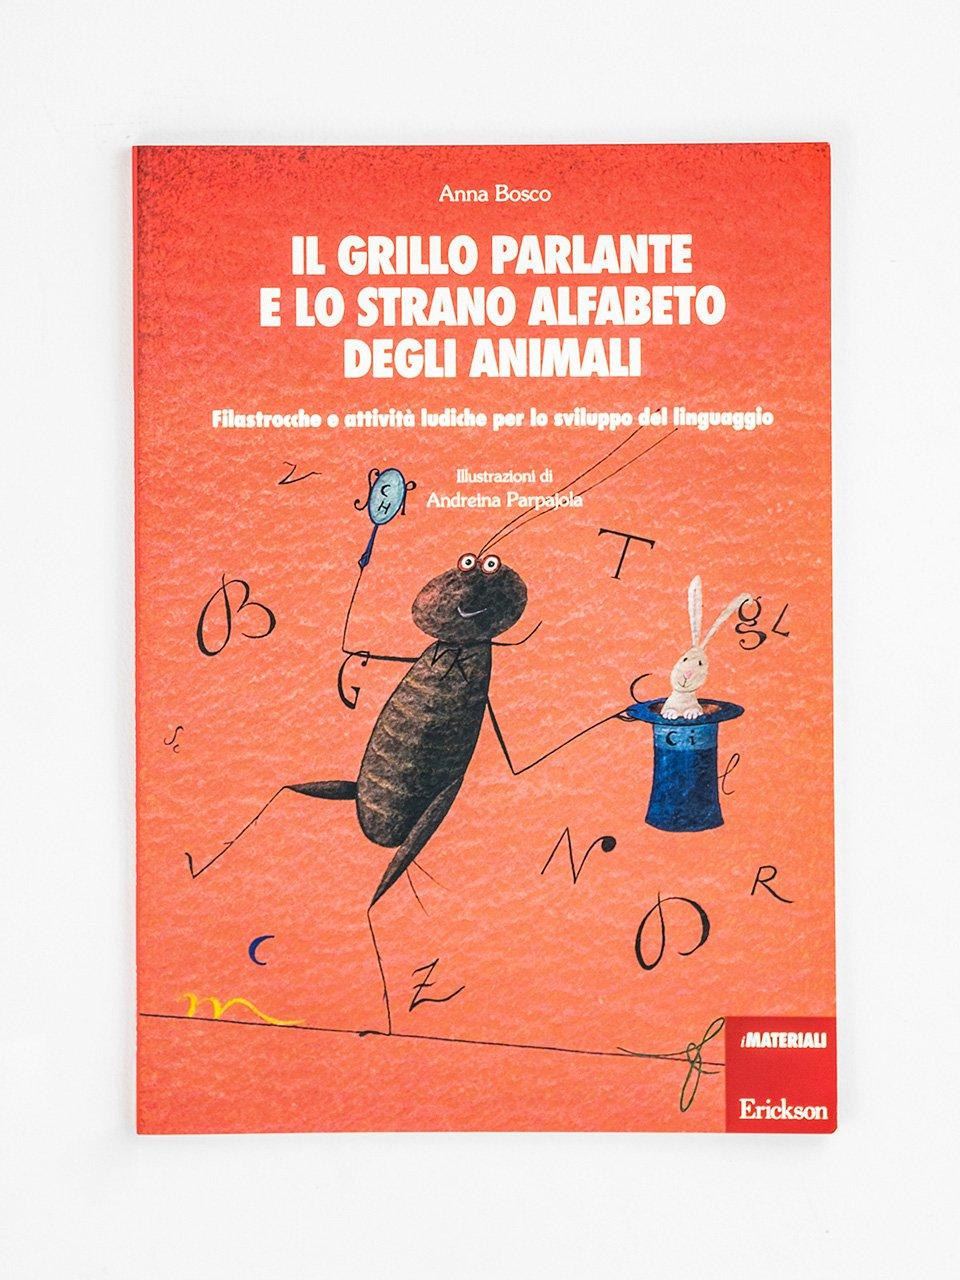 Il grillo parlante e lo strano alfabeto degli animali - Leggere testi - Libri - App e software - Erickson